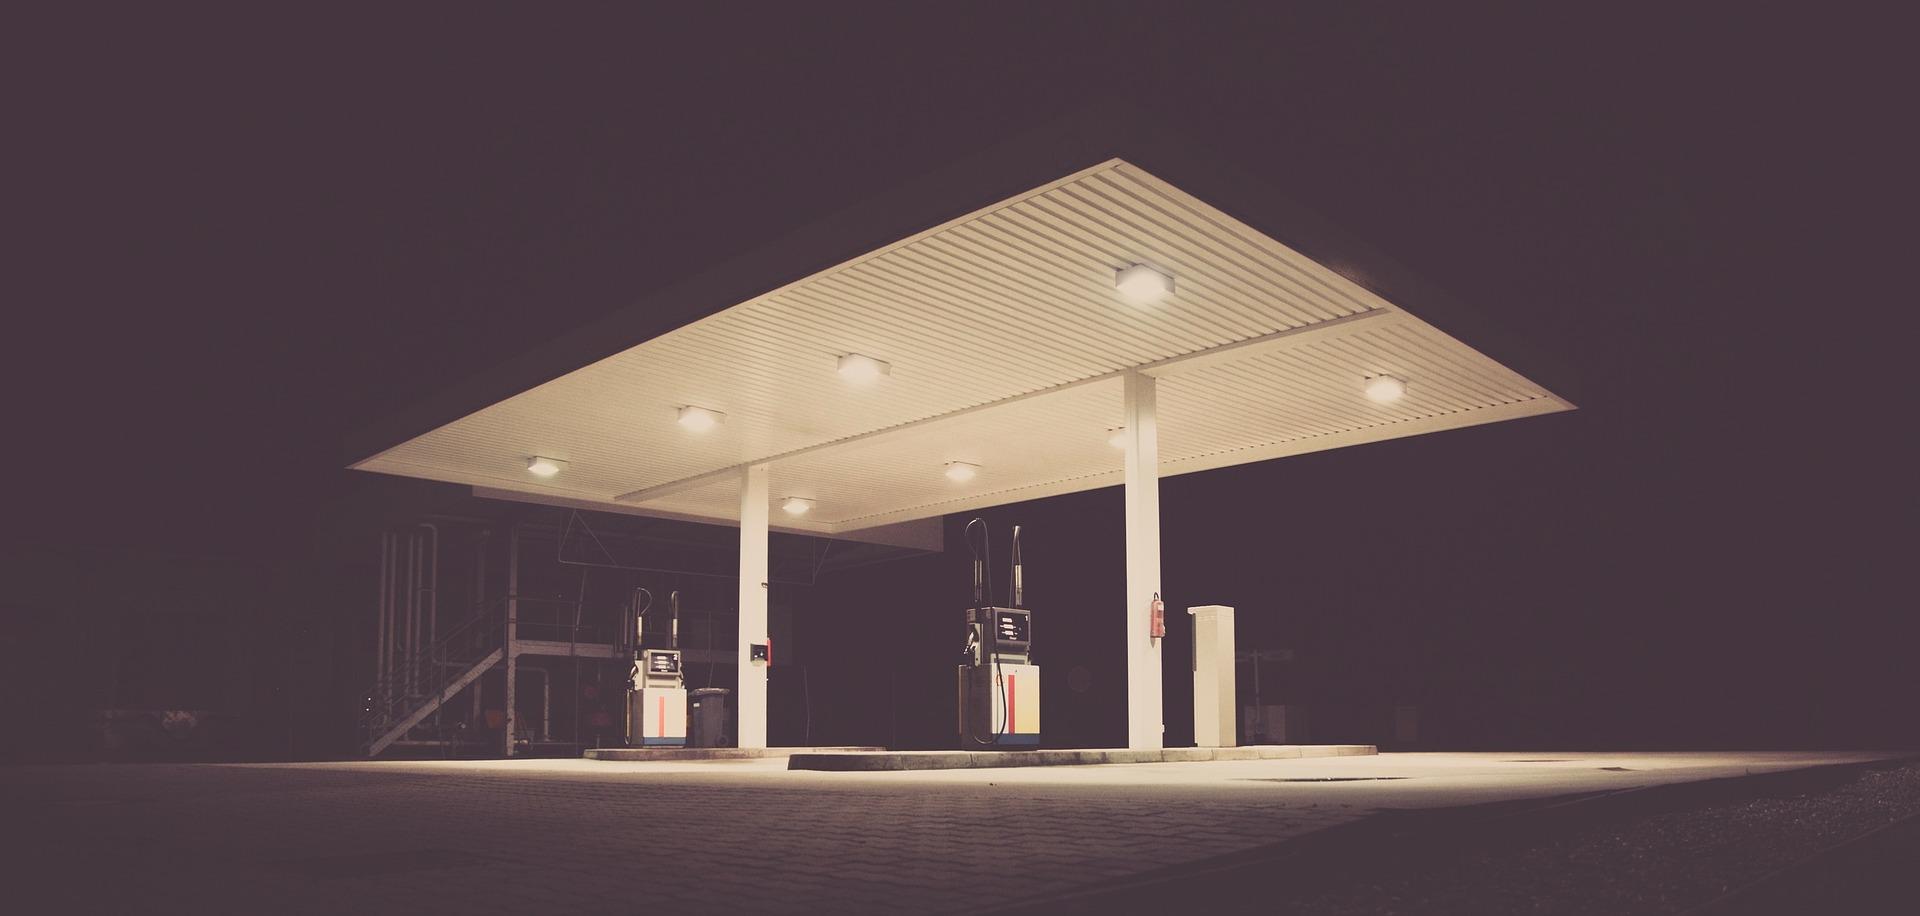 Coche gasolinera